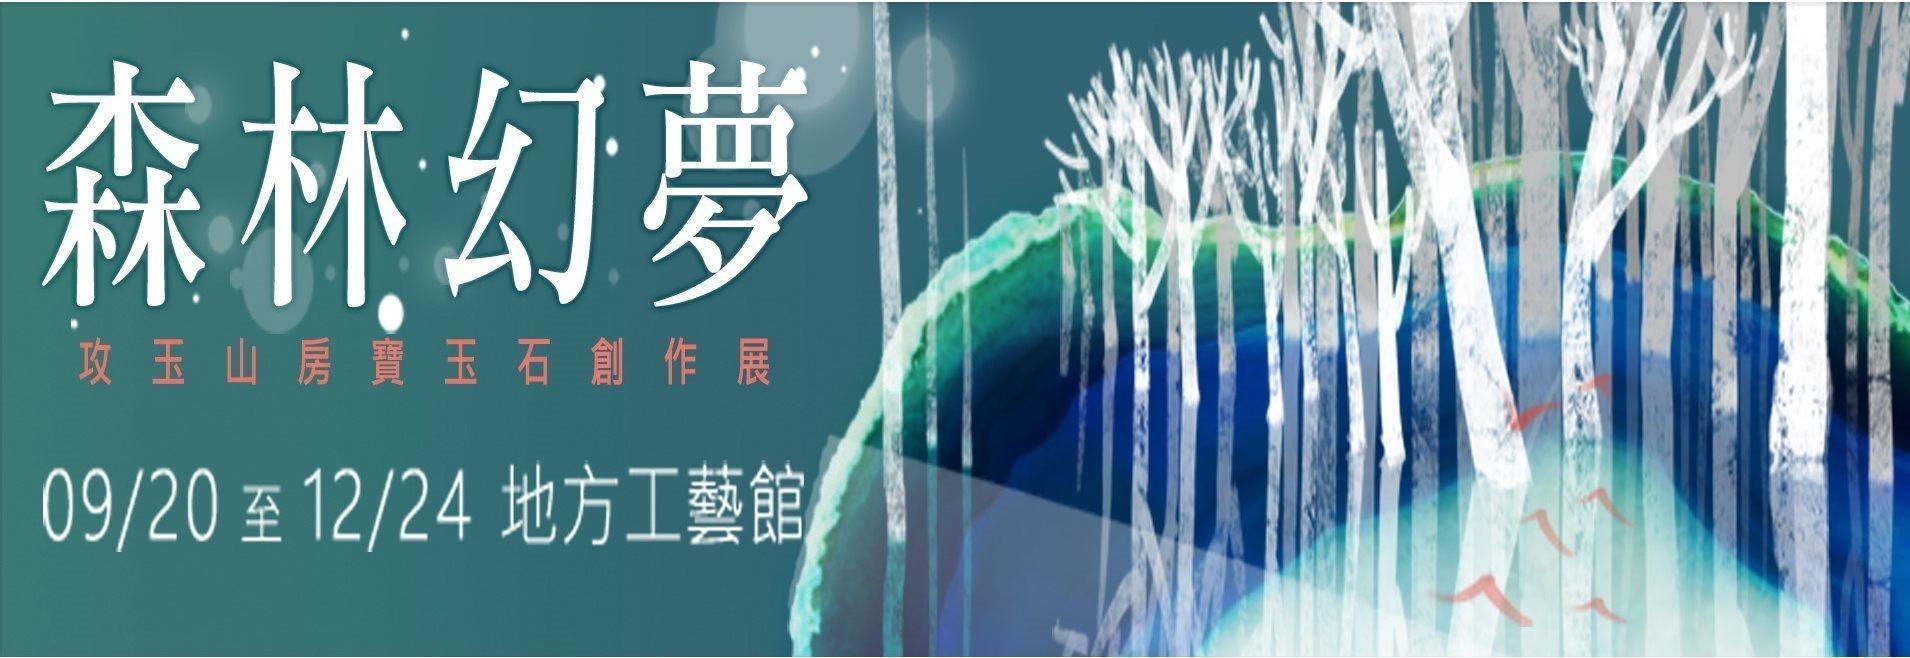 森林幻夢-攻玉山房寶玉石創作展[另開新視窗]